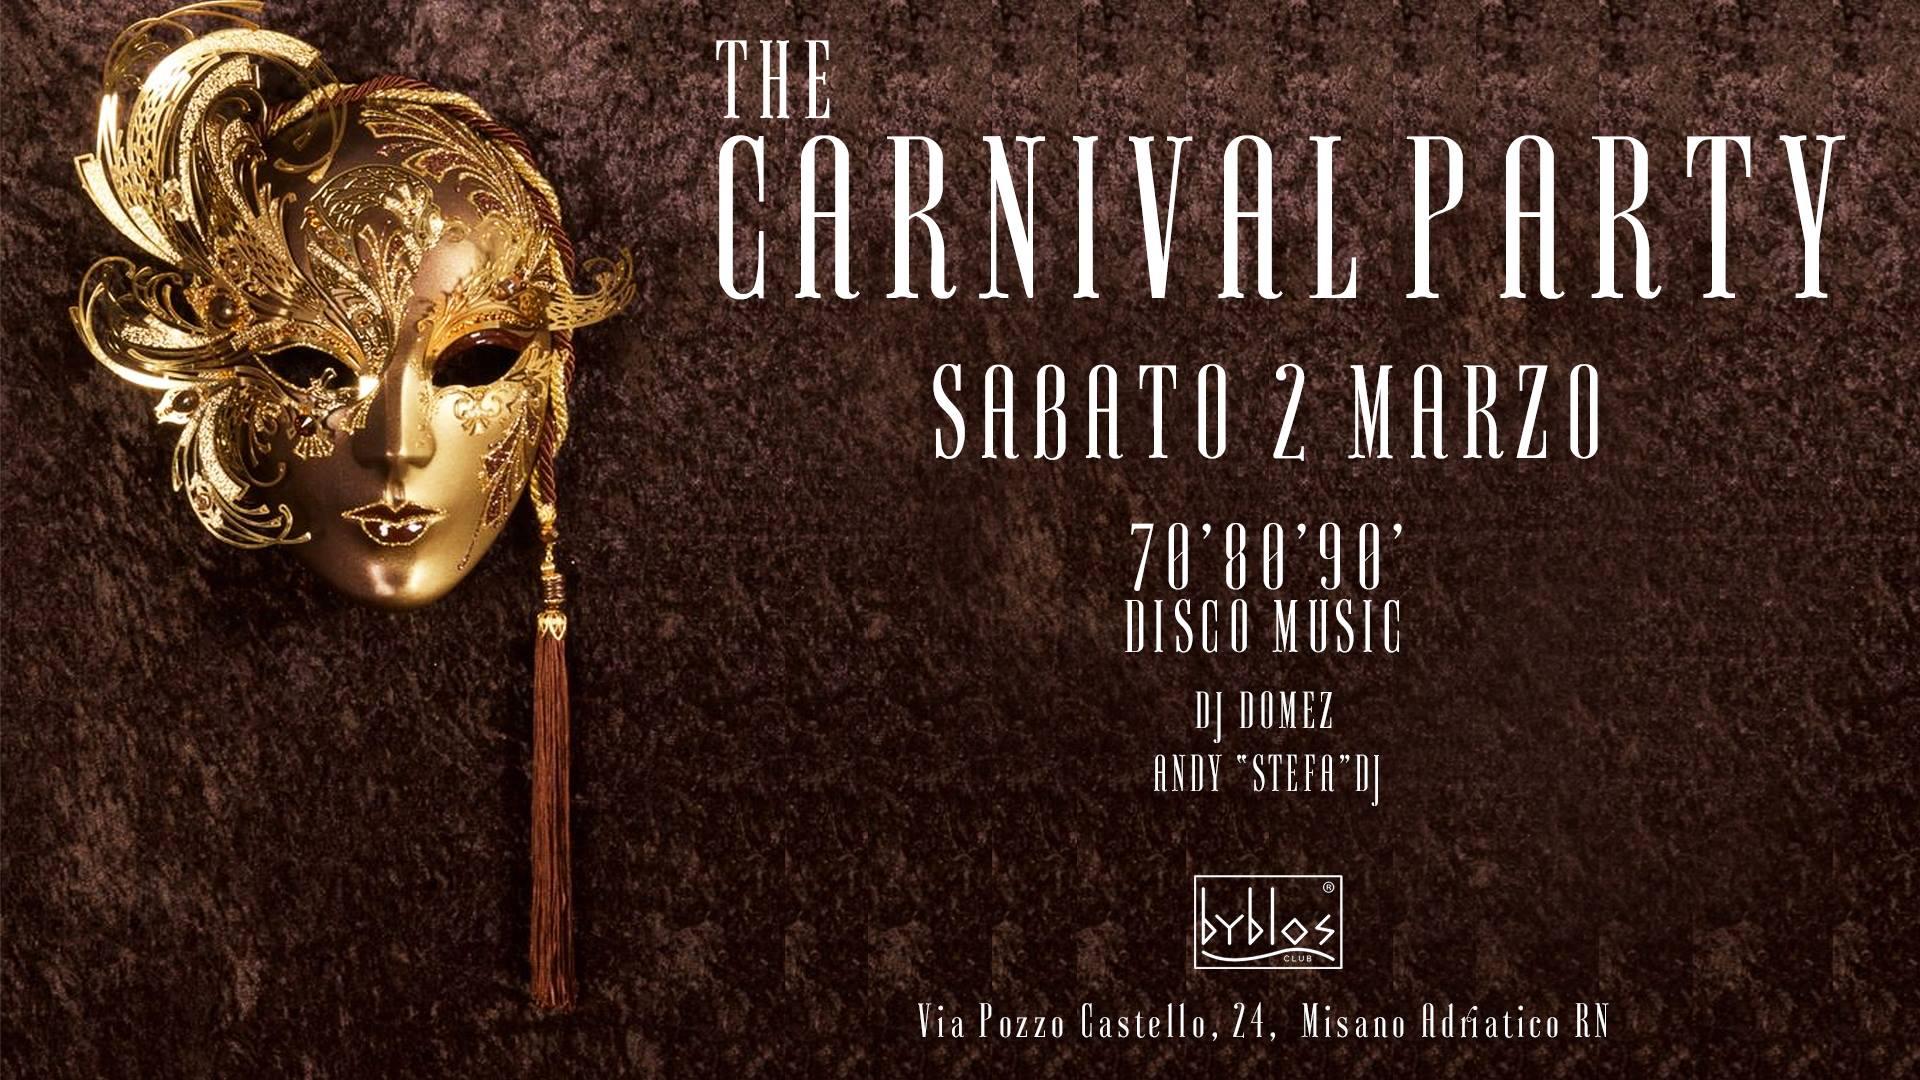 Carnevale Byblos Club Riccione